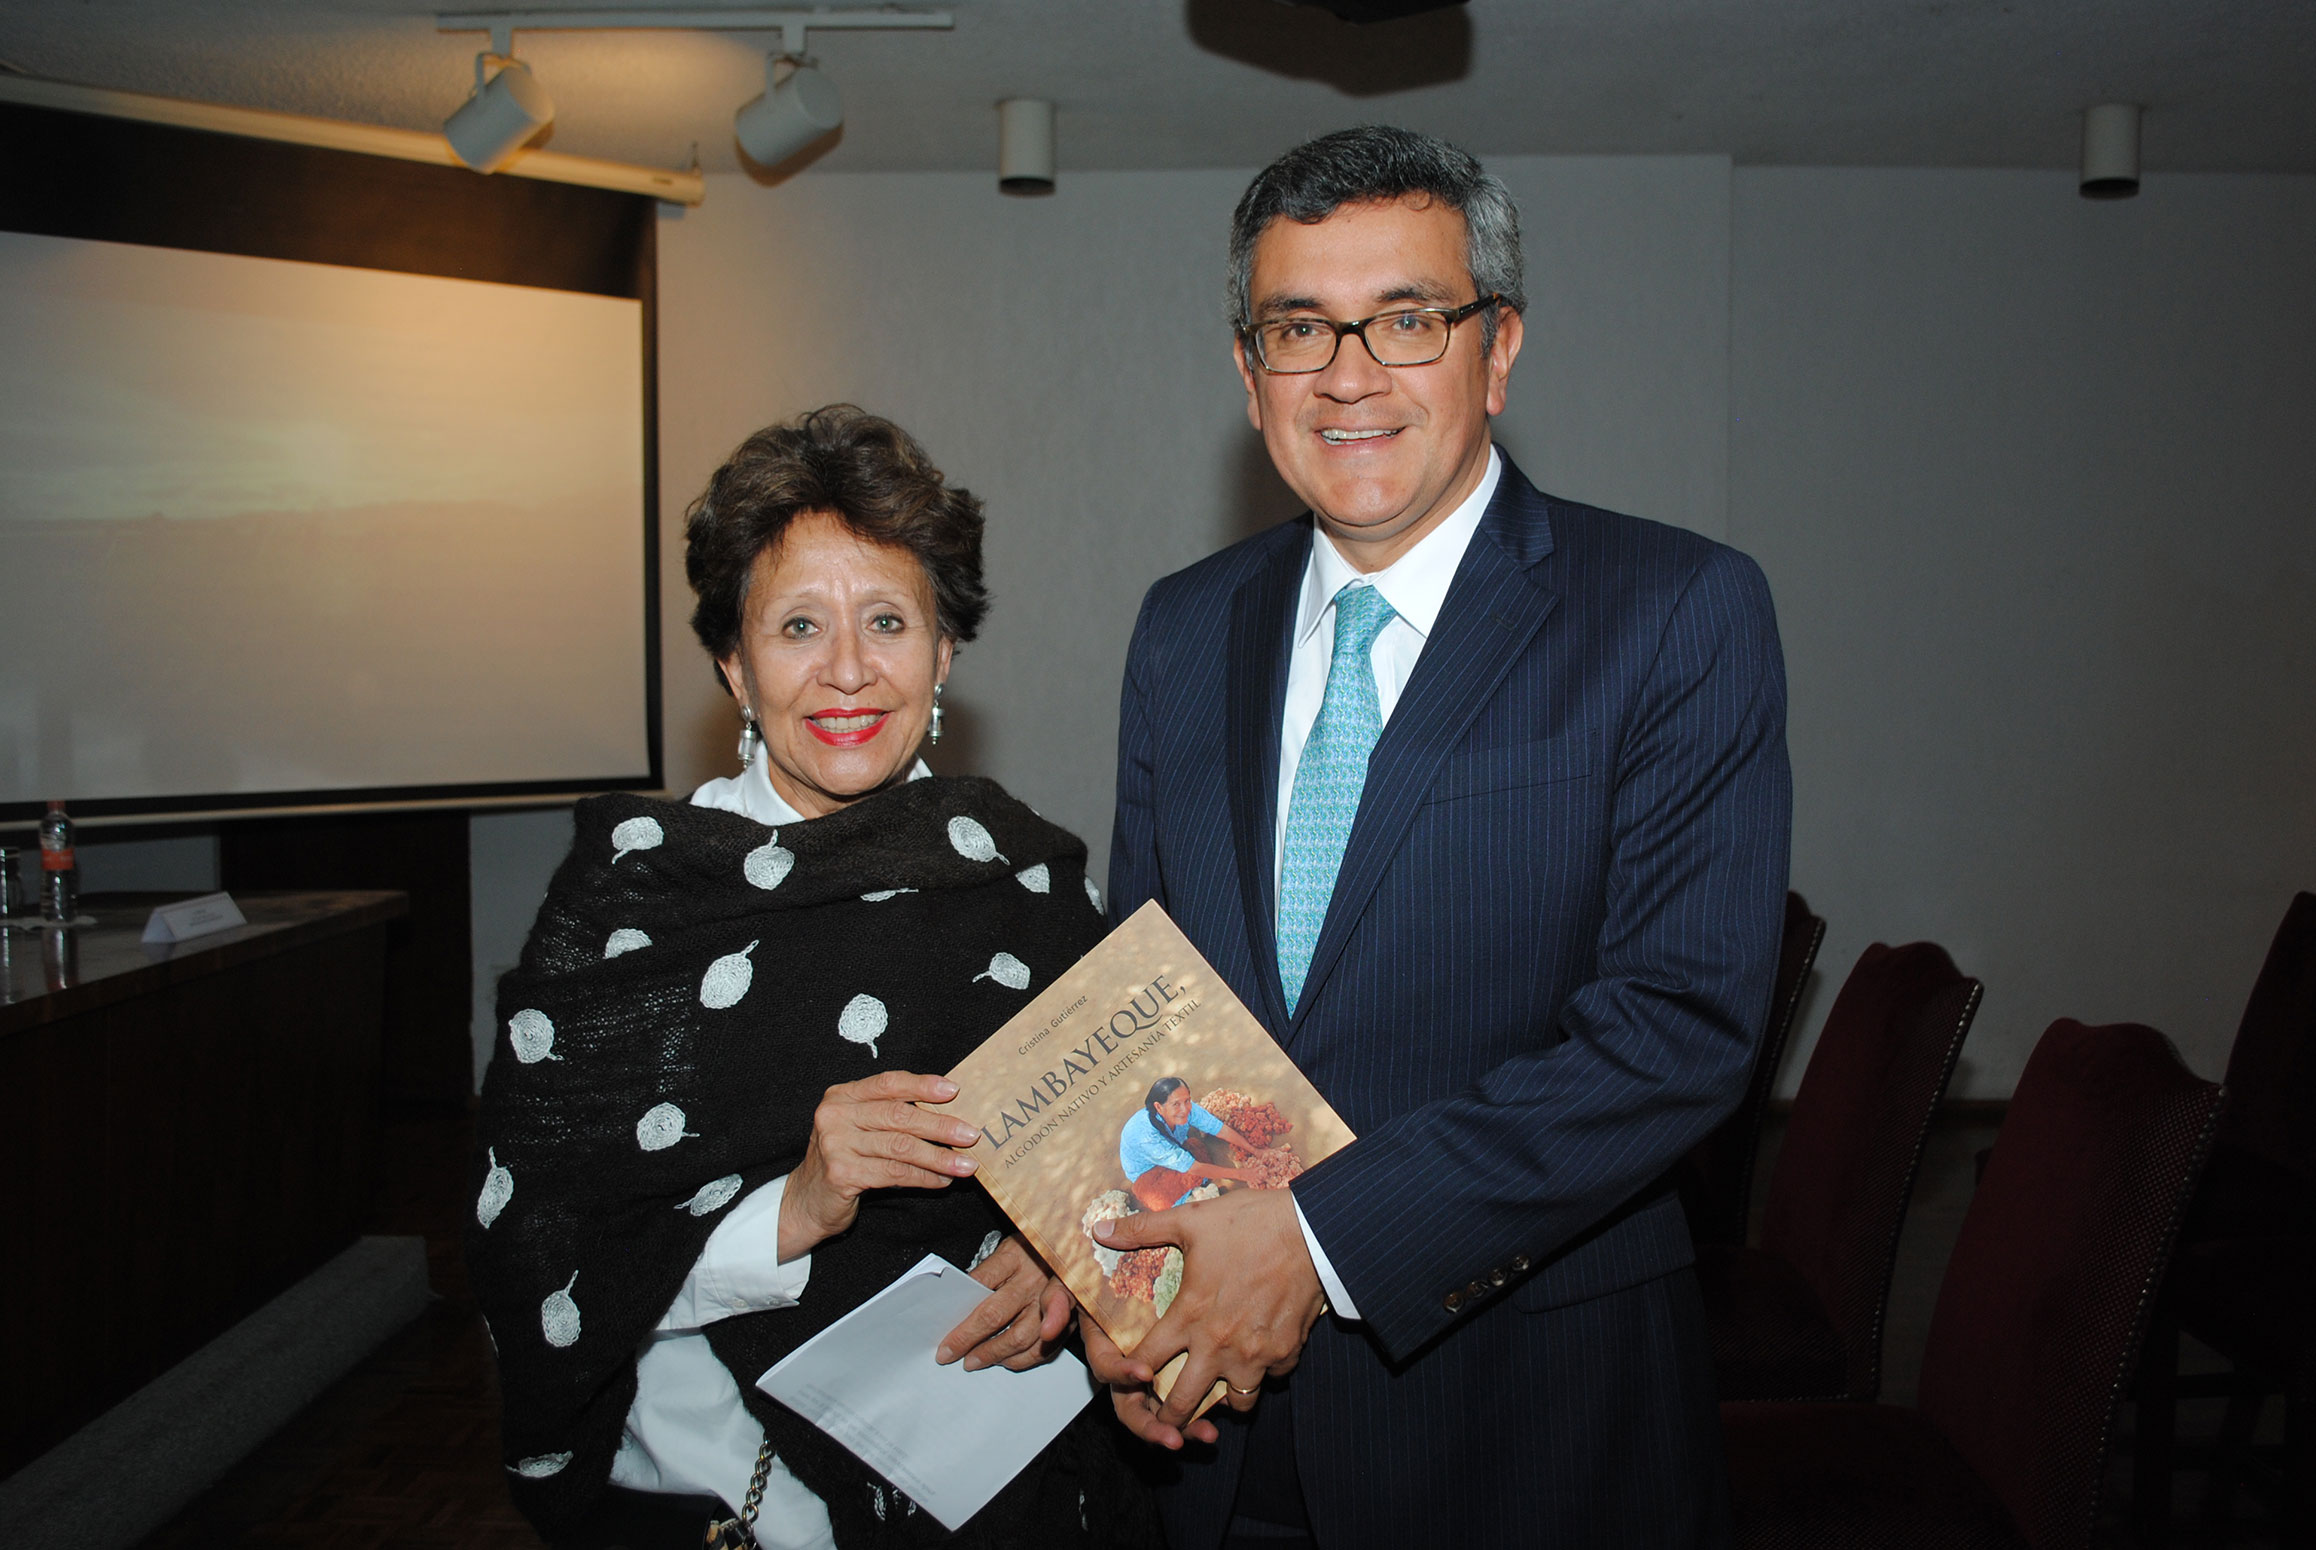 Cristina Gutiérrez, autora del libro, el cual presentó acompañada por el embajador de Perú en México, Julio Hernán Garro Gálvez